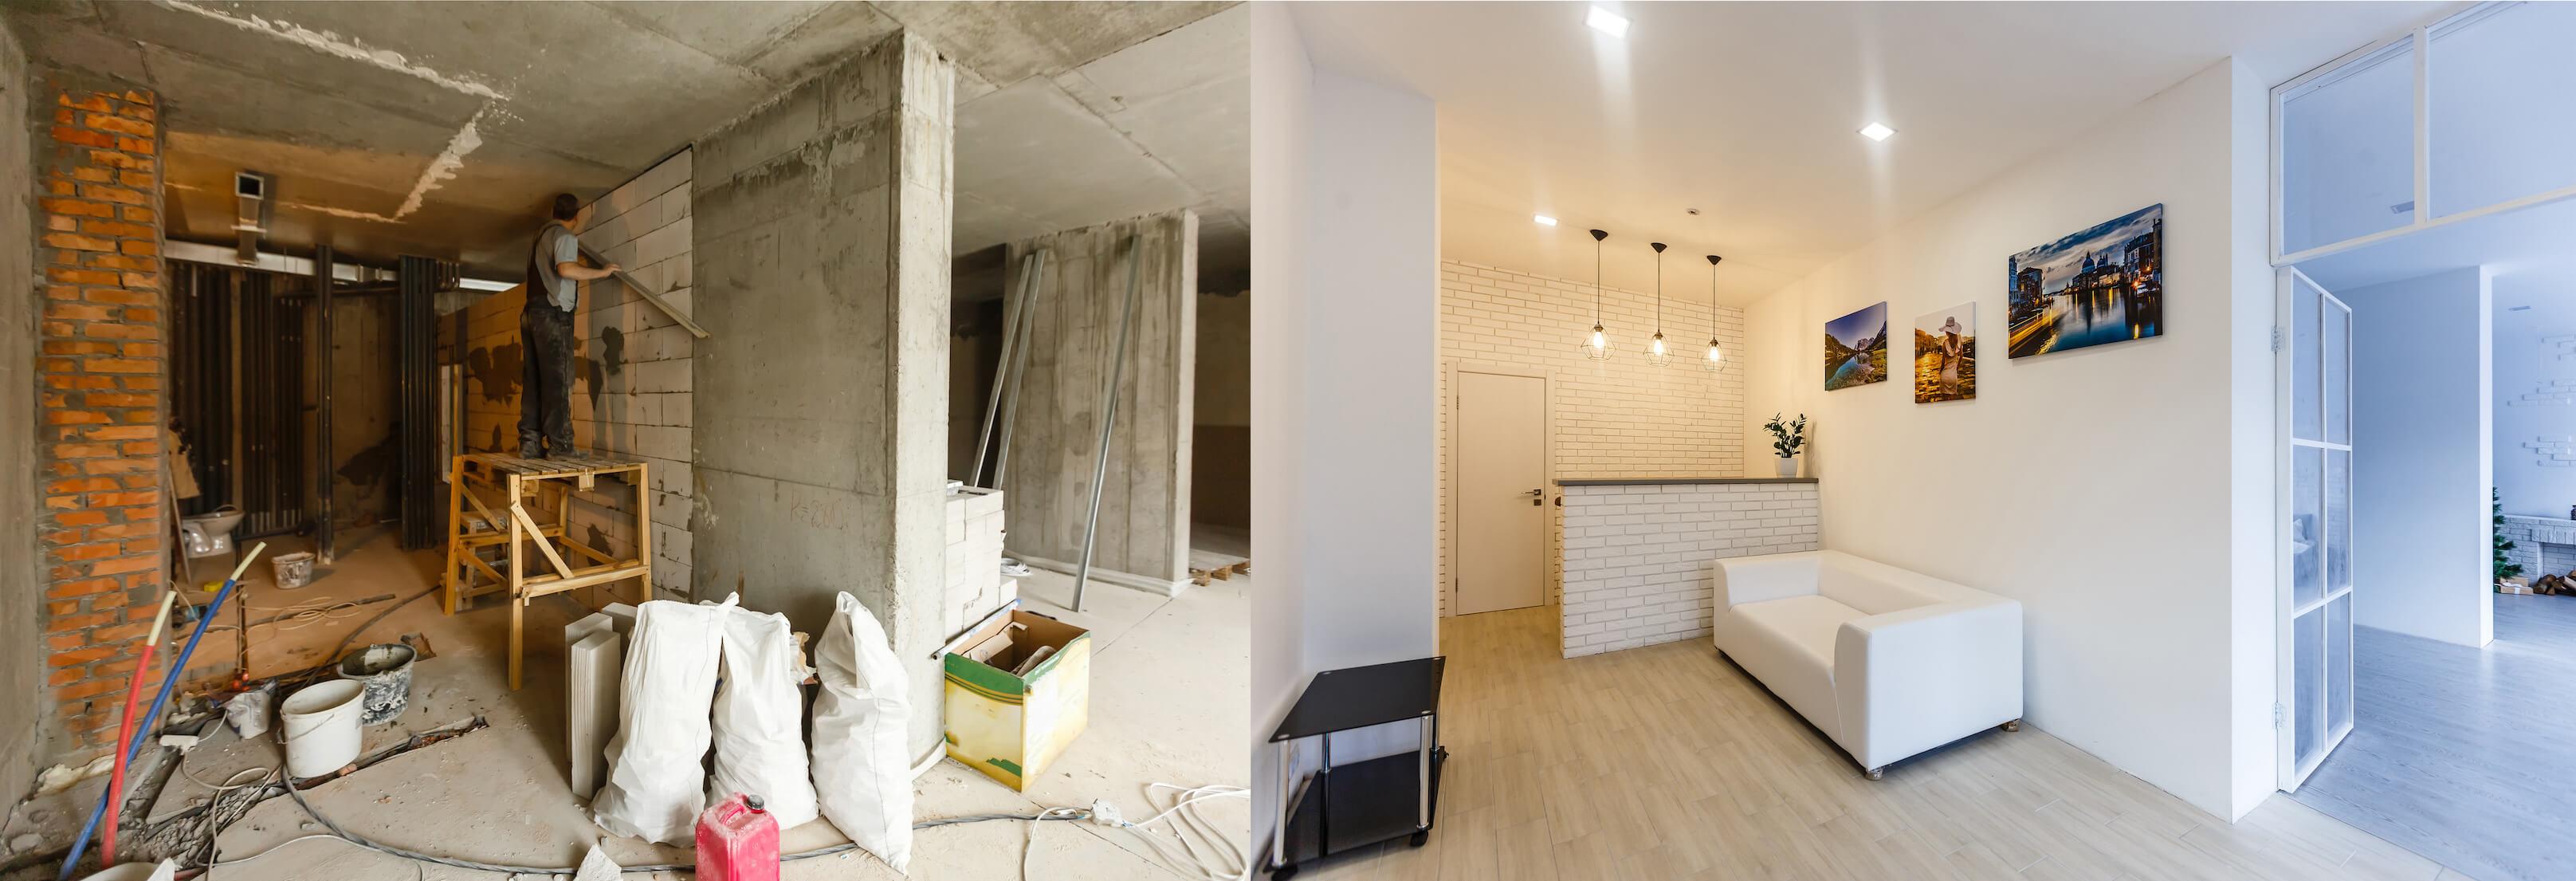 Vi renoverar hus i Uppsala